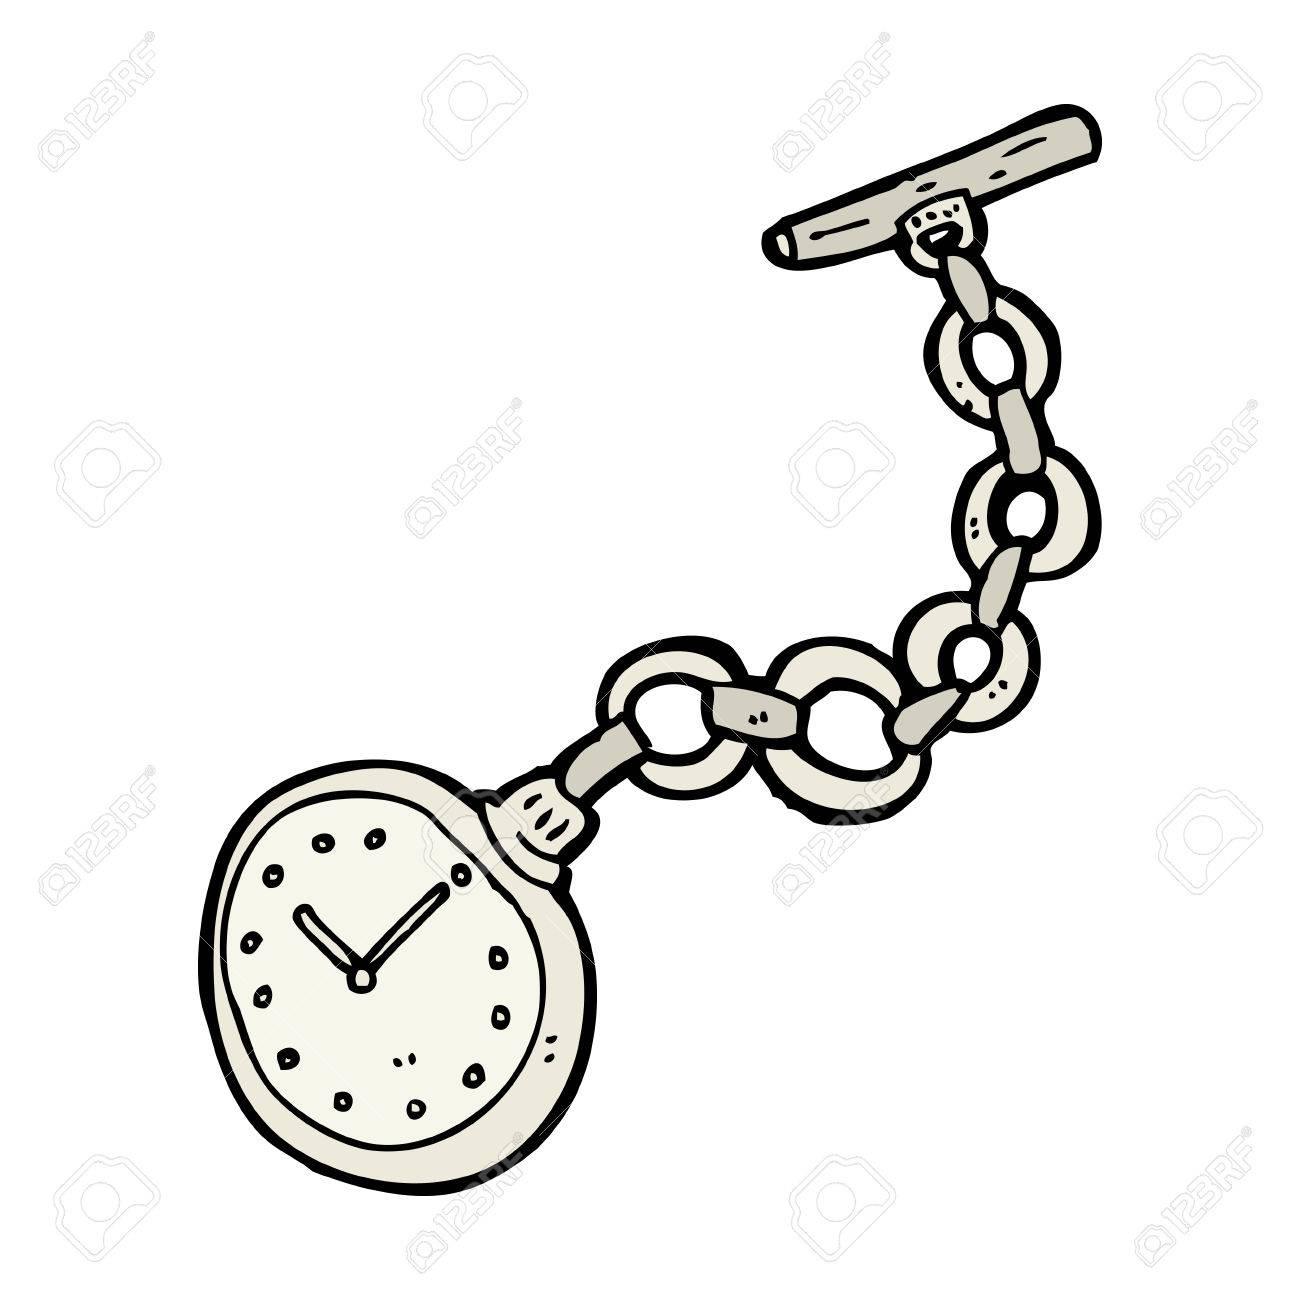 old pocket watch reloj de bolsillo de dibujos animados de edad